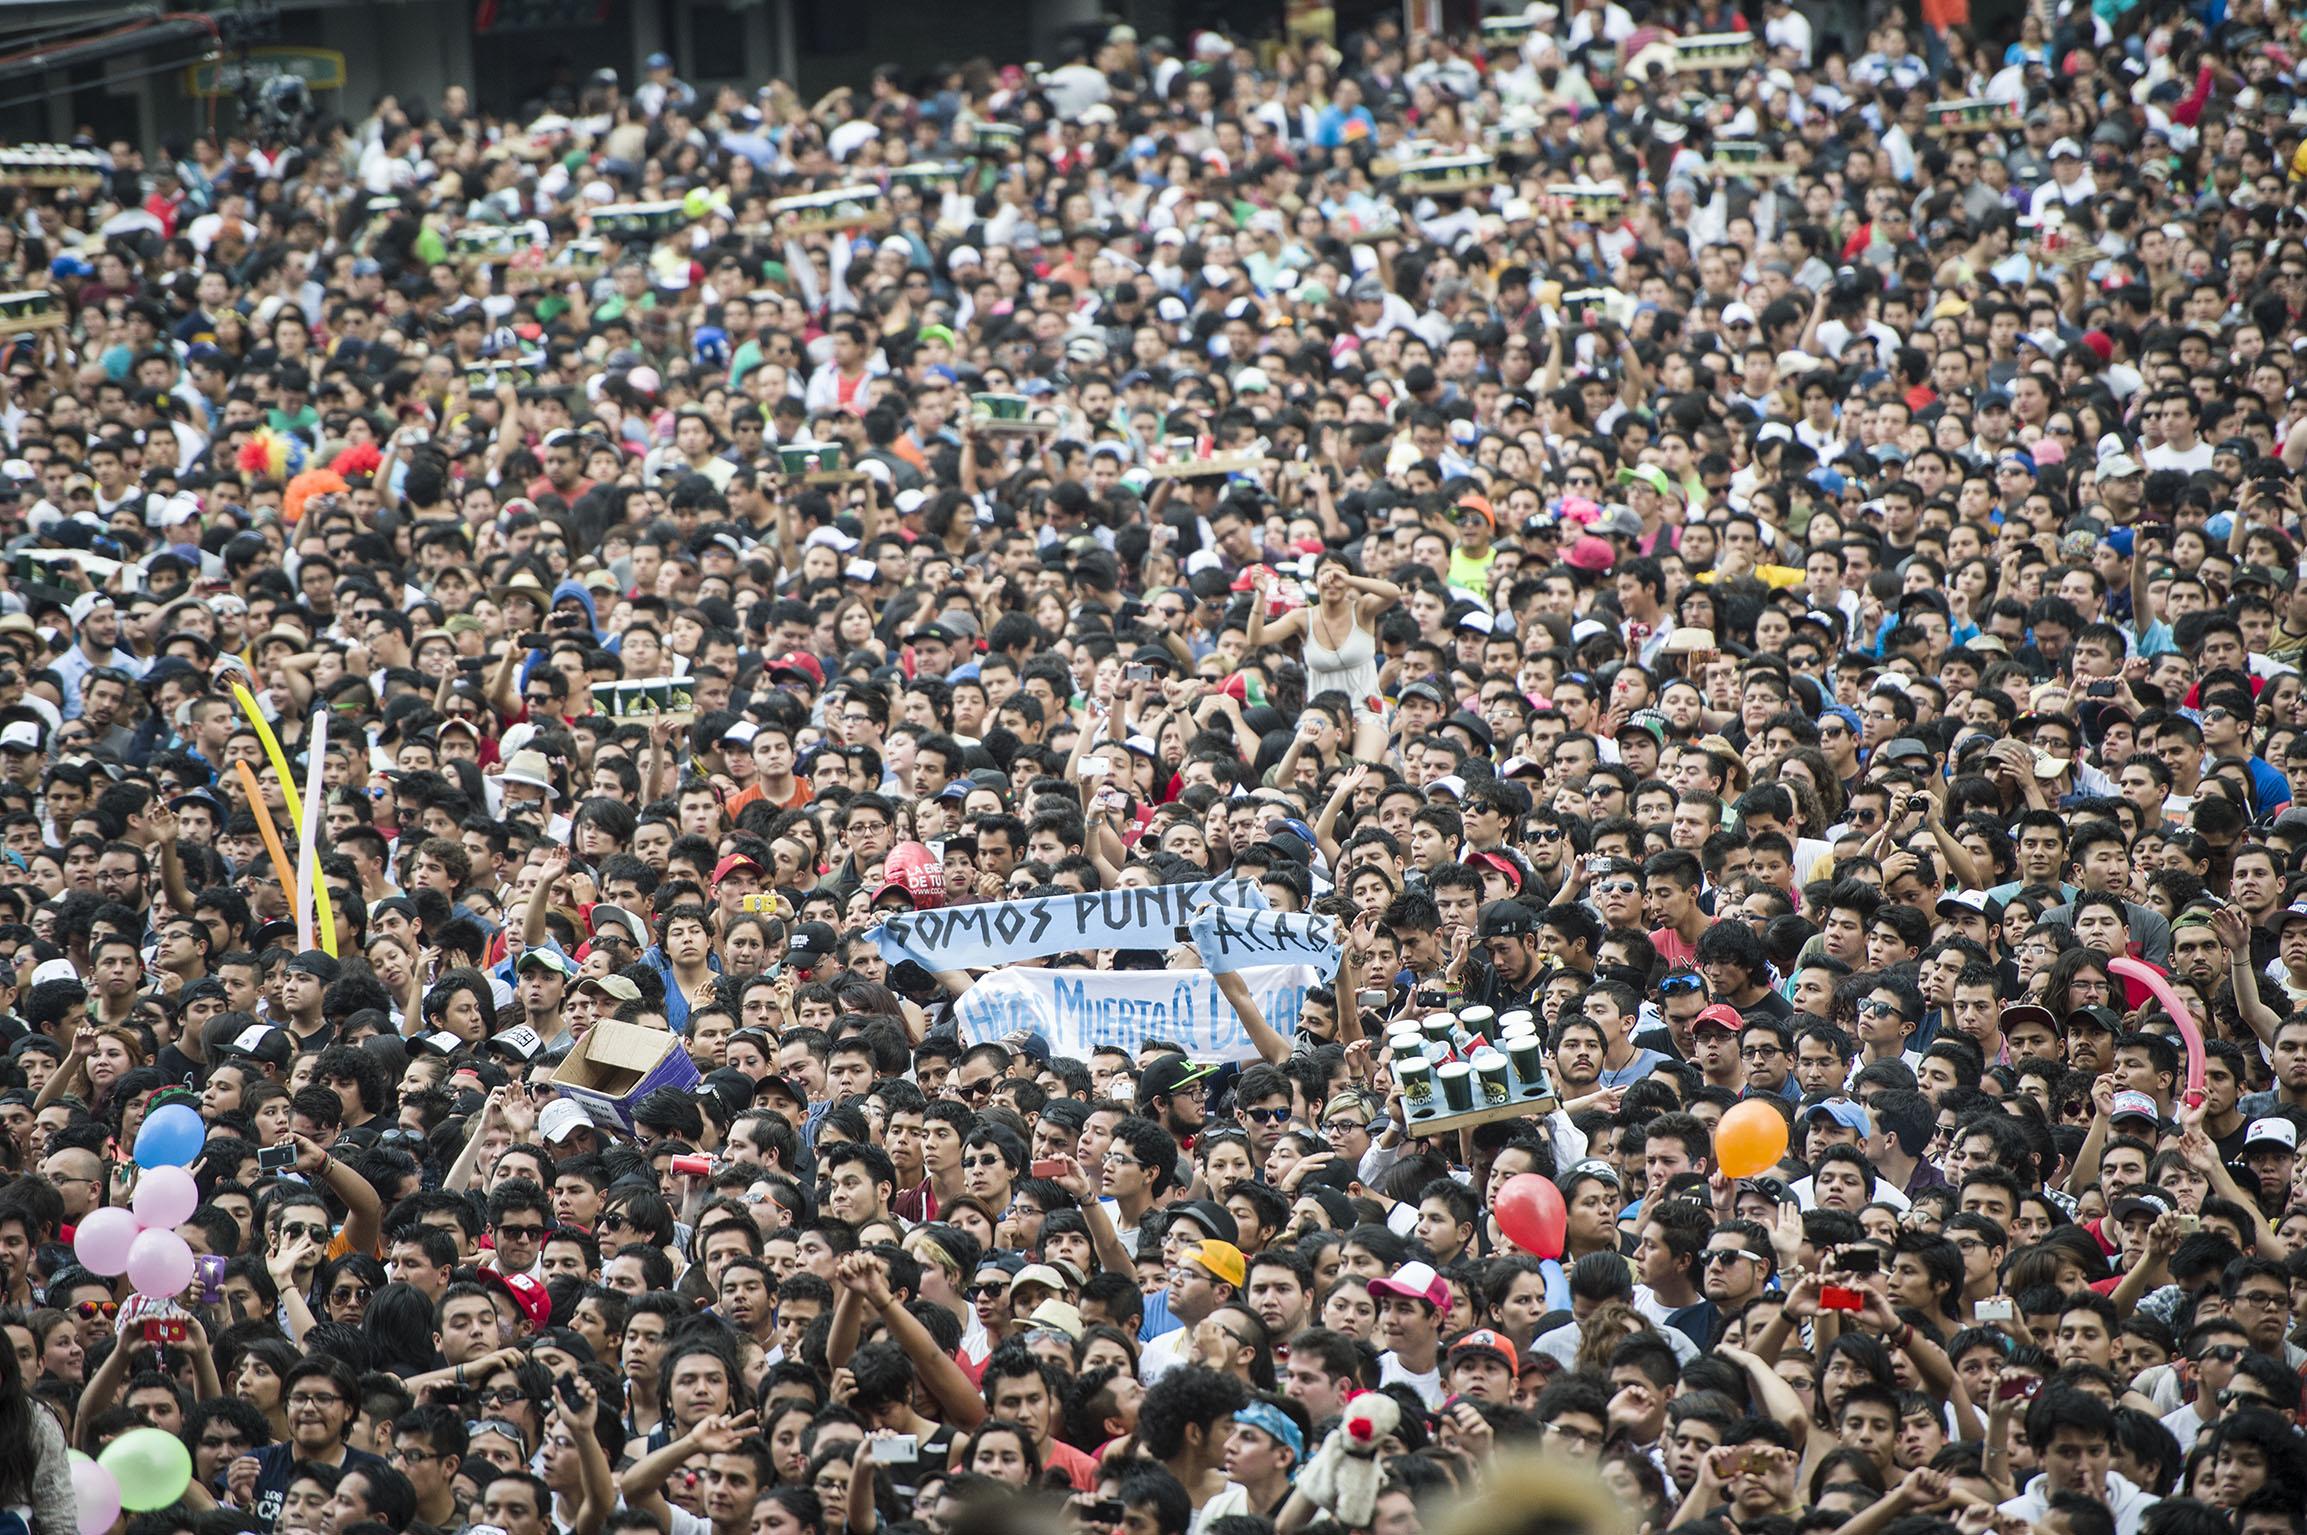 11 momentos clave para convertir al Vive Latino en el mejor festival iberoamericano